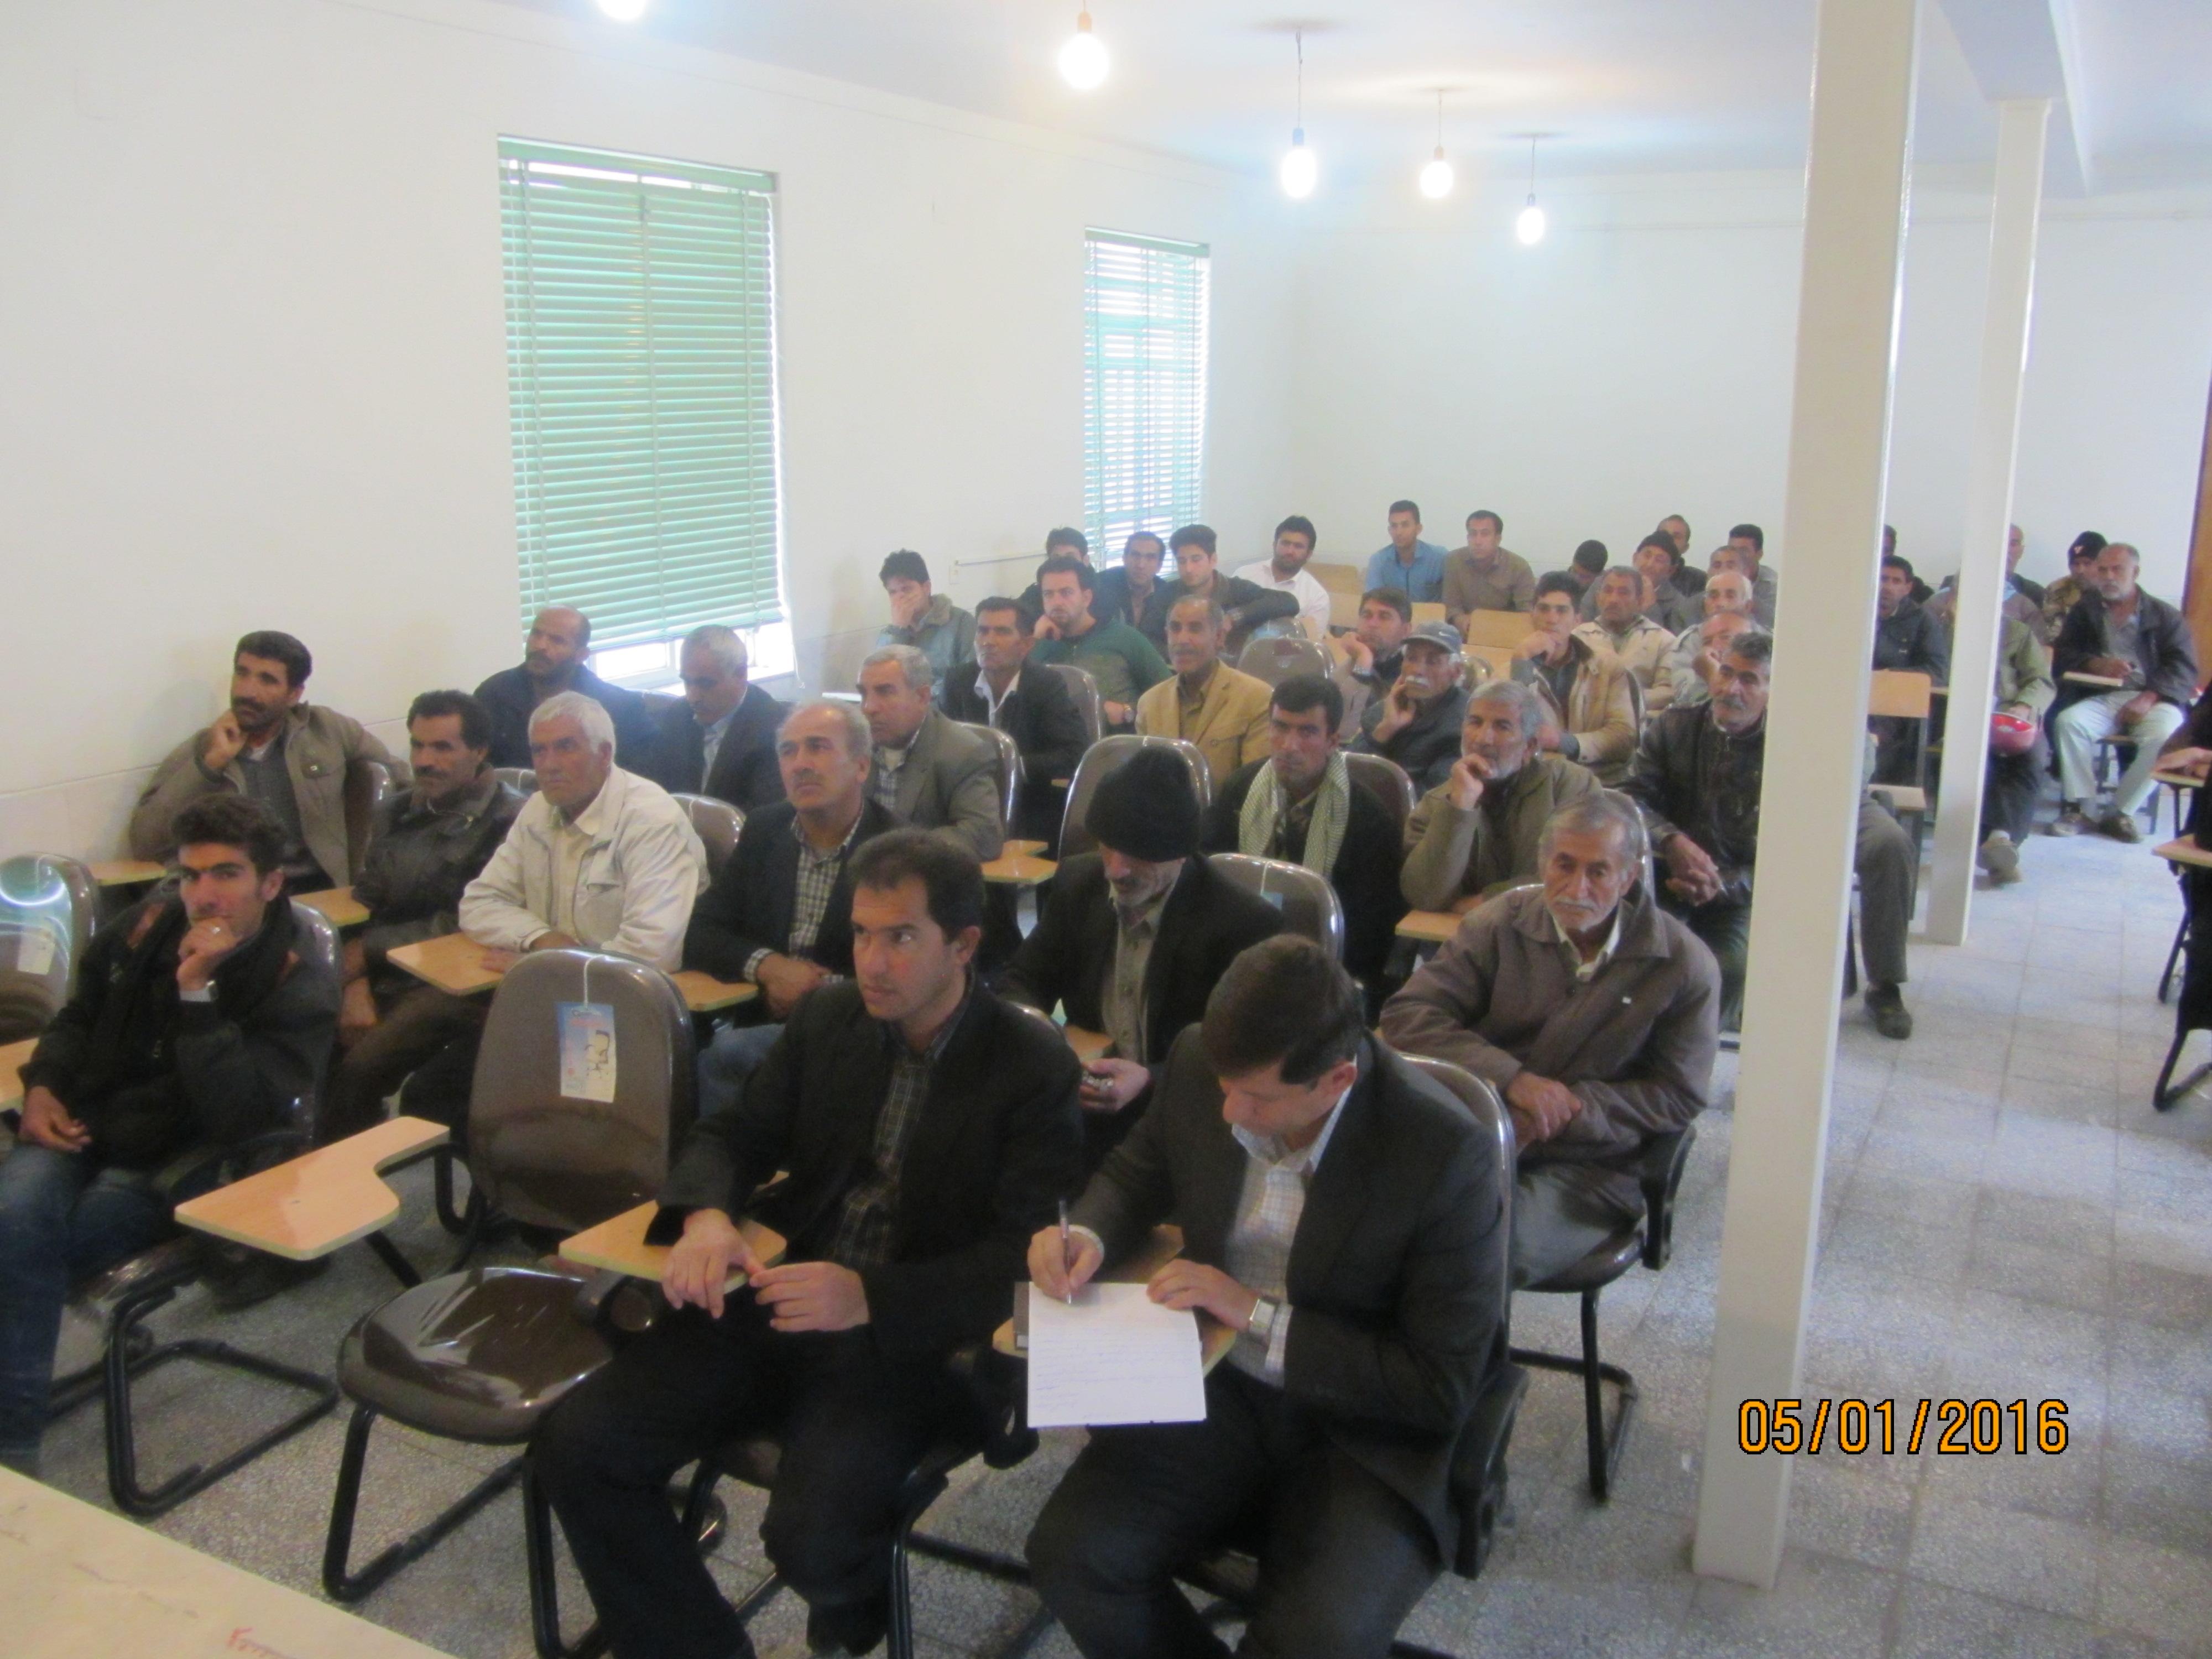 رنجبر مسئول اداره بهبود تولیدات دامی: با تشکیل  صندوق شیر در شهرستان داراب  مشکلات دامداران مرتفع می گردد